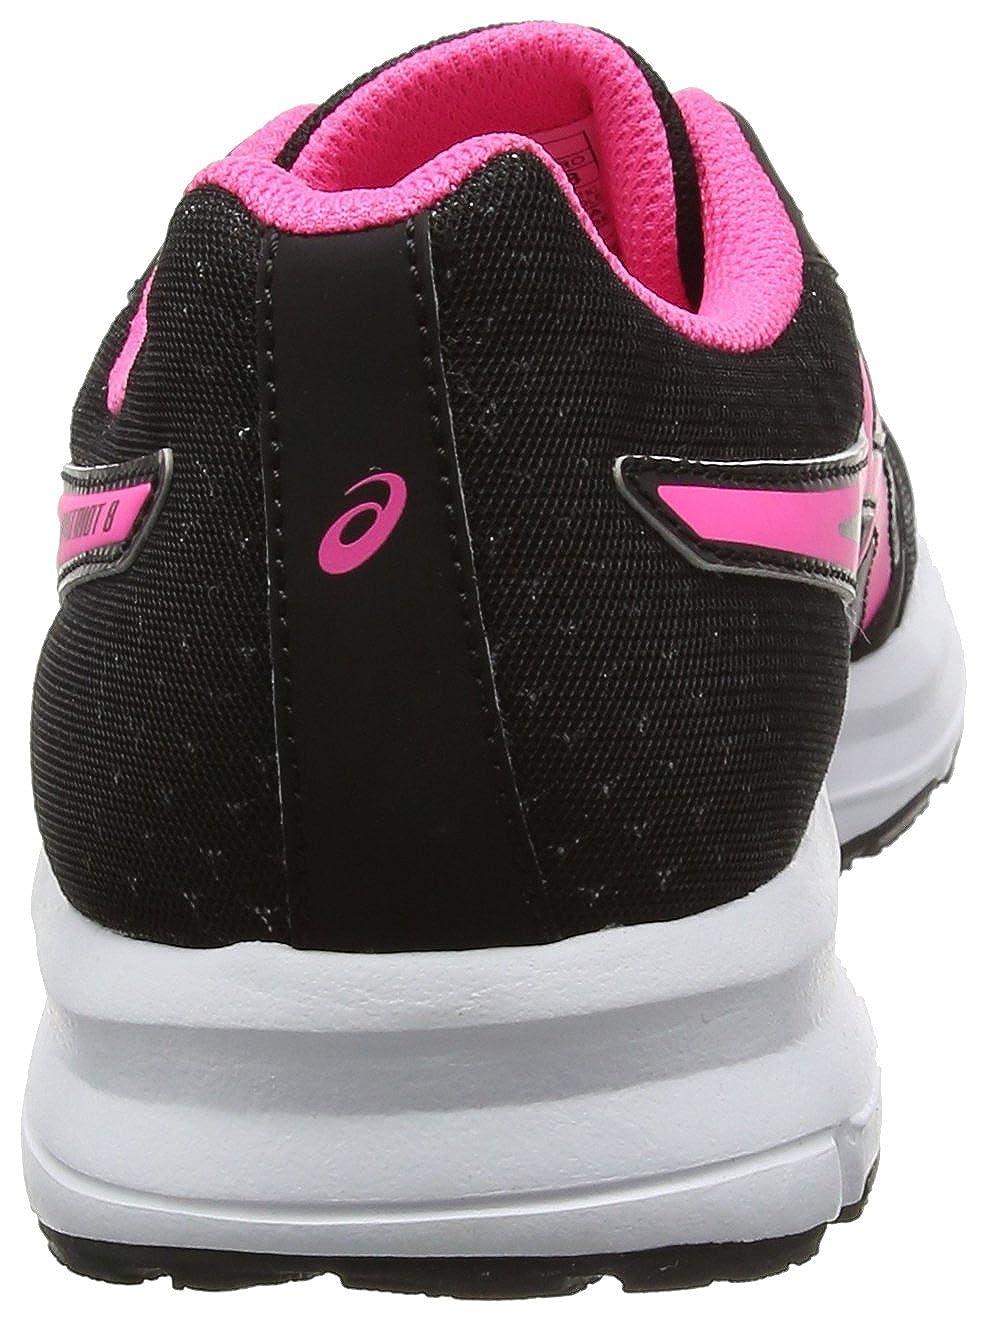 Asics T669n9020 Chaussures de Running Femme